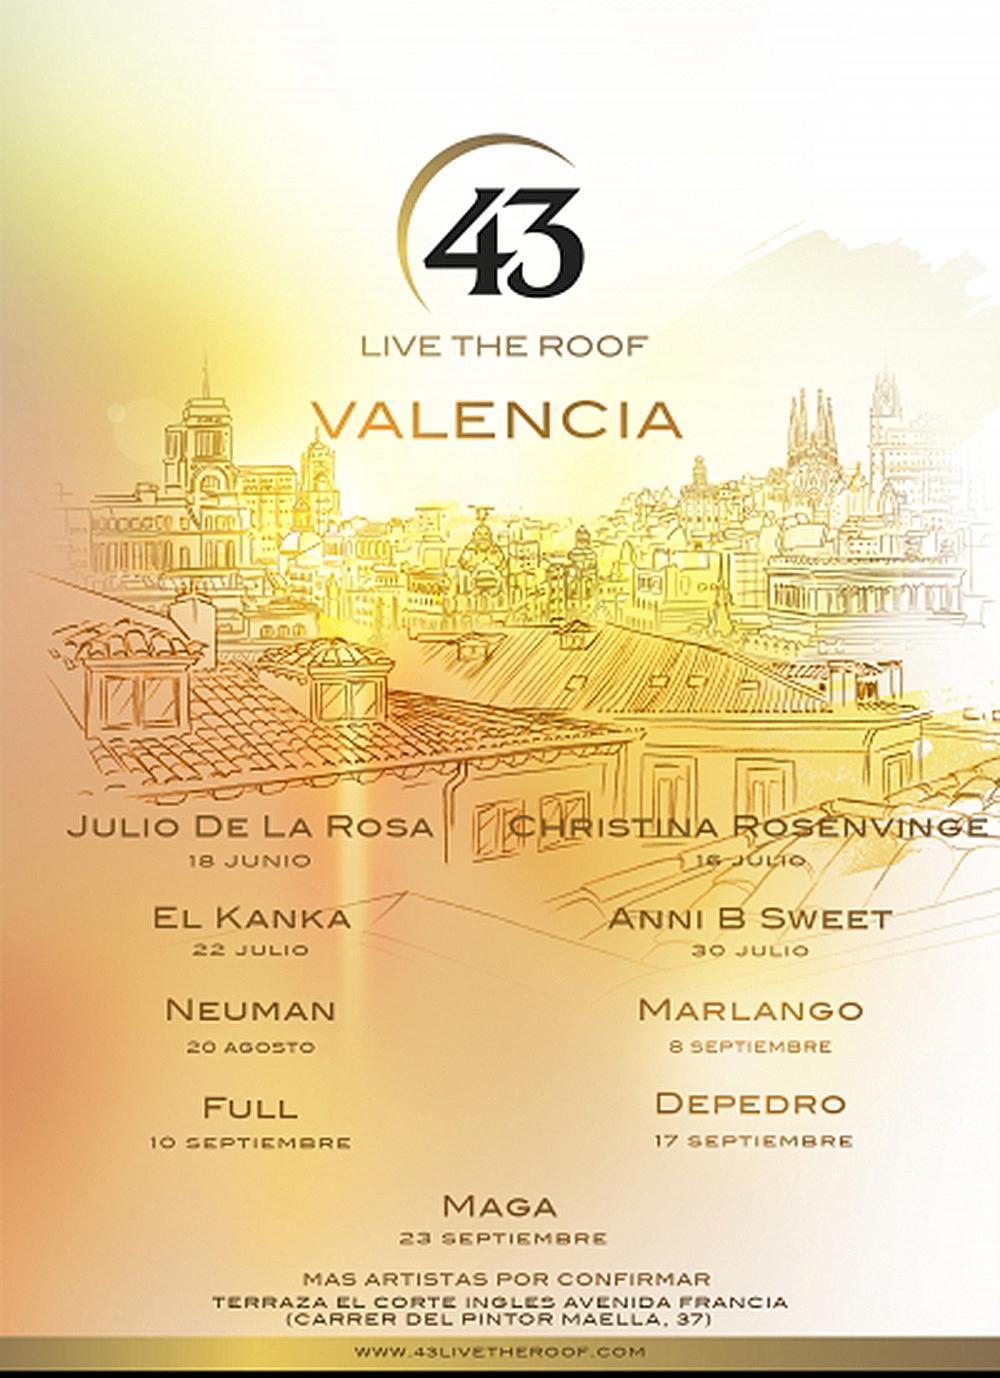 Live The Roof, los conciertos más íntimos conlas mejores vistas de la ciudad vuelven a Valencia